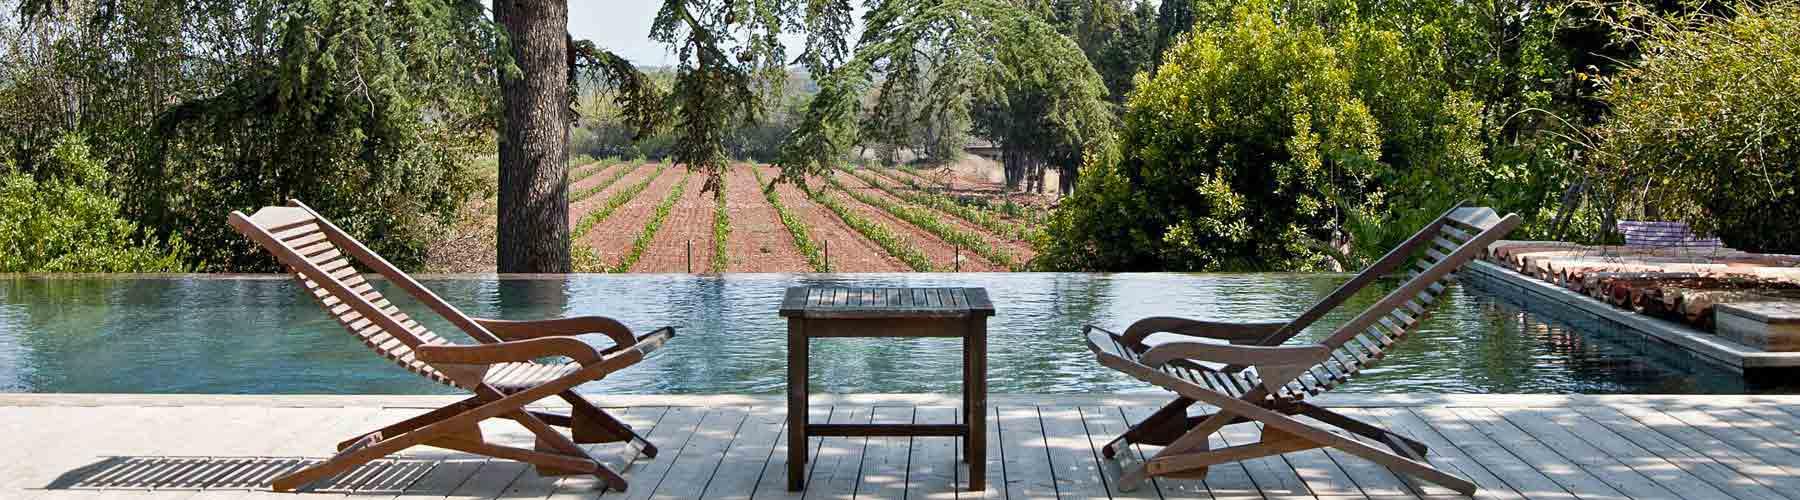 Chambre d 39 h te var provence piscine chauff e int rieure spa sauna - Chambre d hote le luc en provence ...